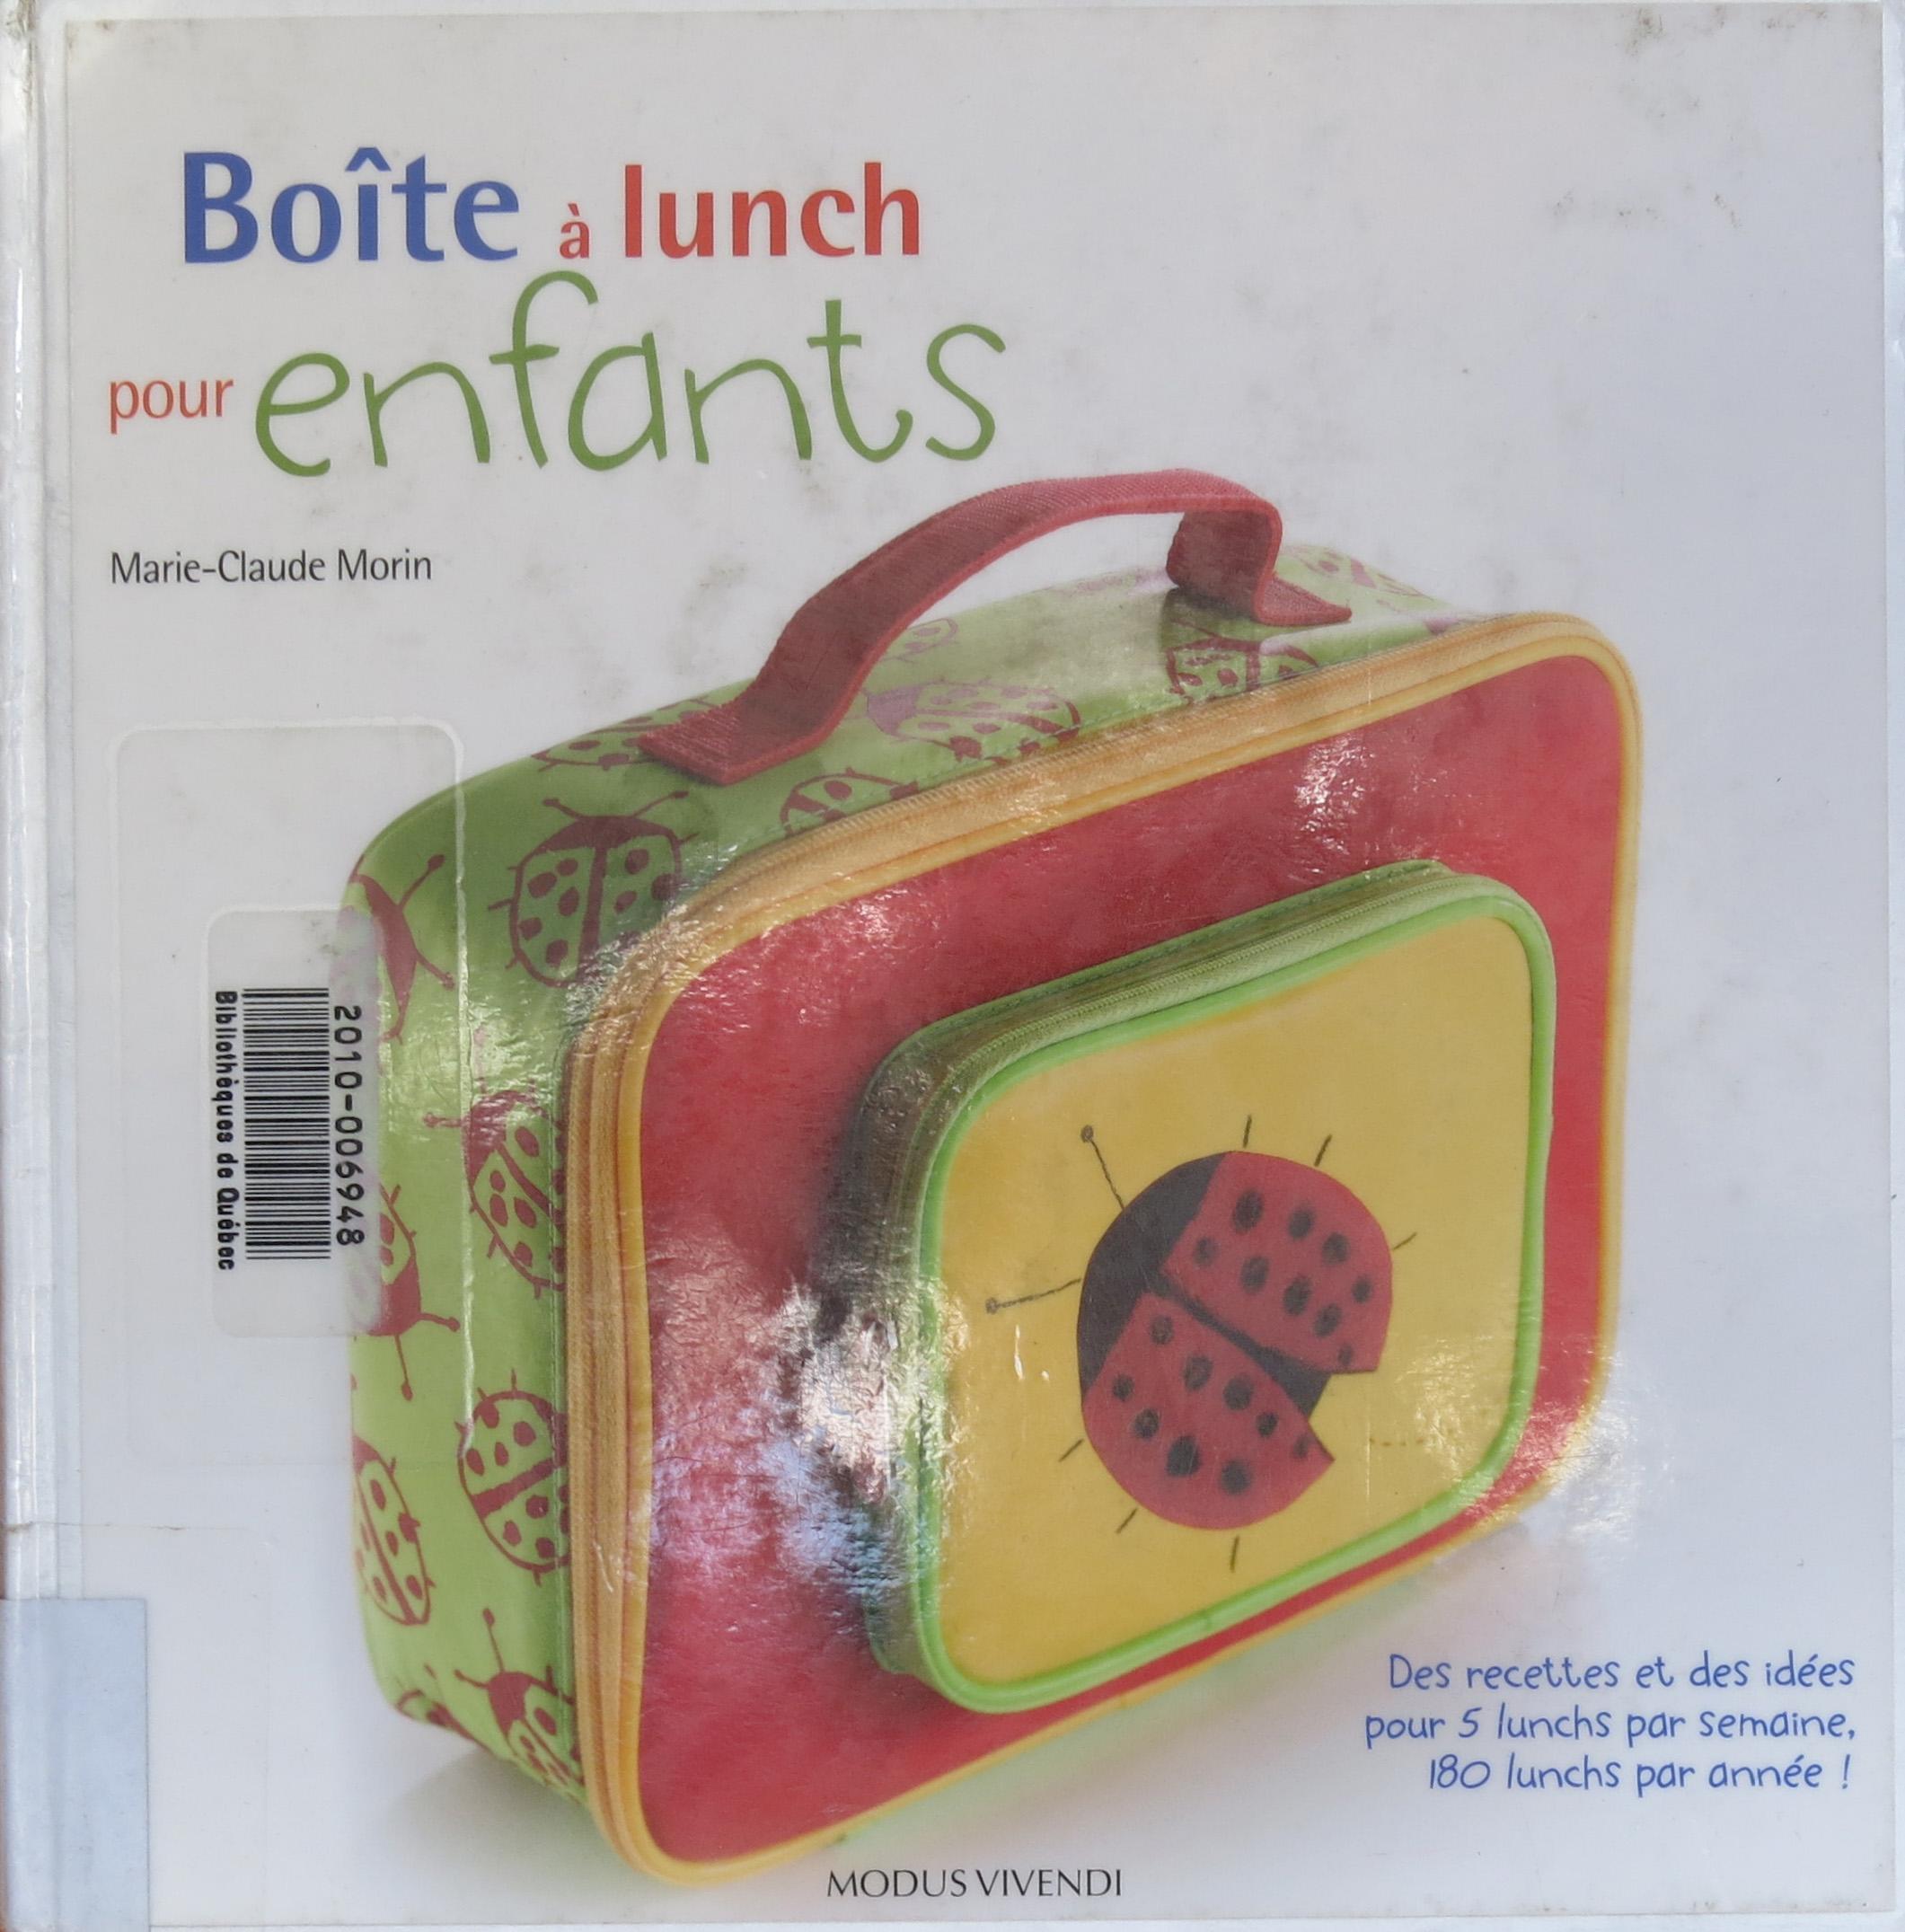 Boîte à lunch pour enfants, de Marie-Claude Morin